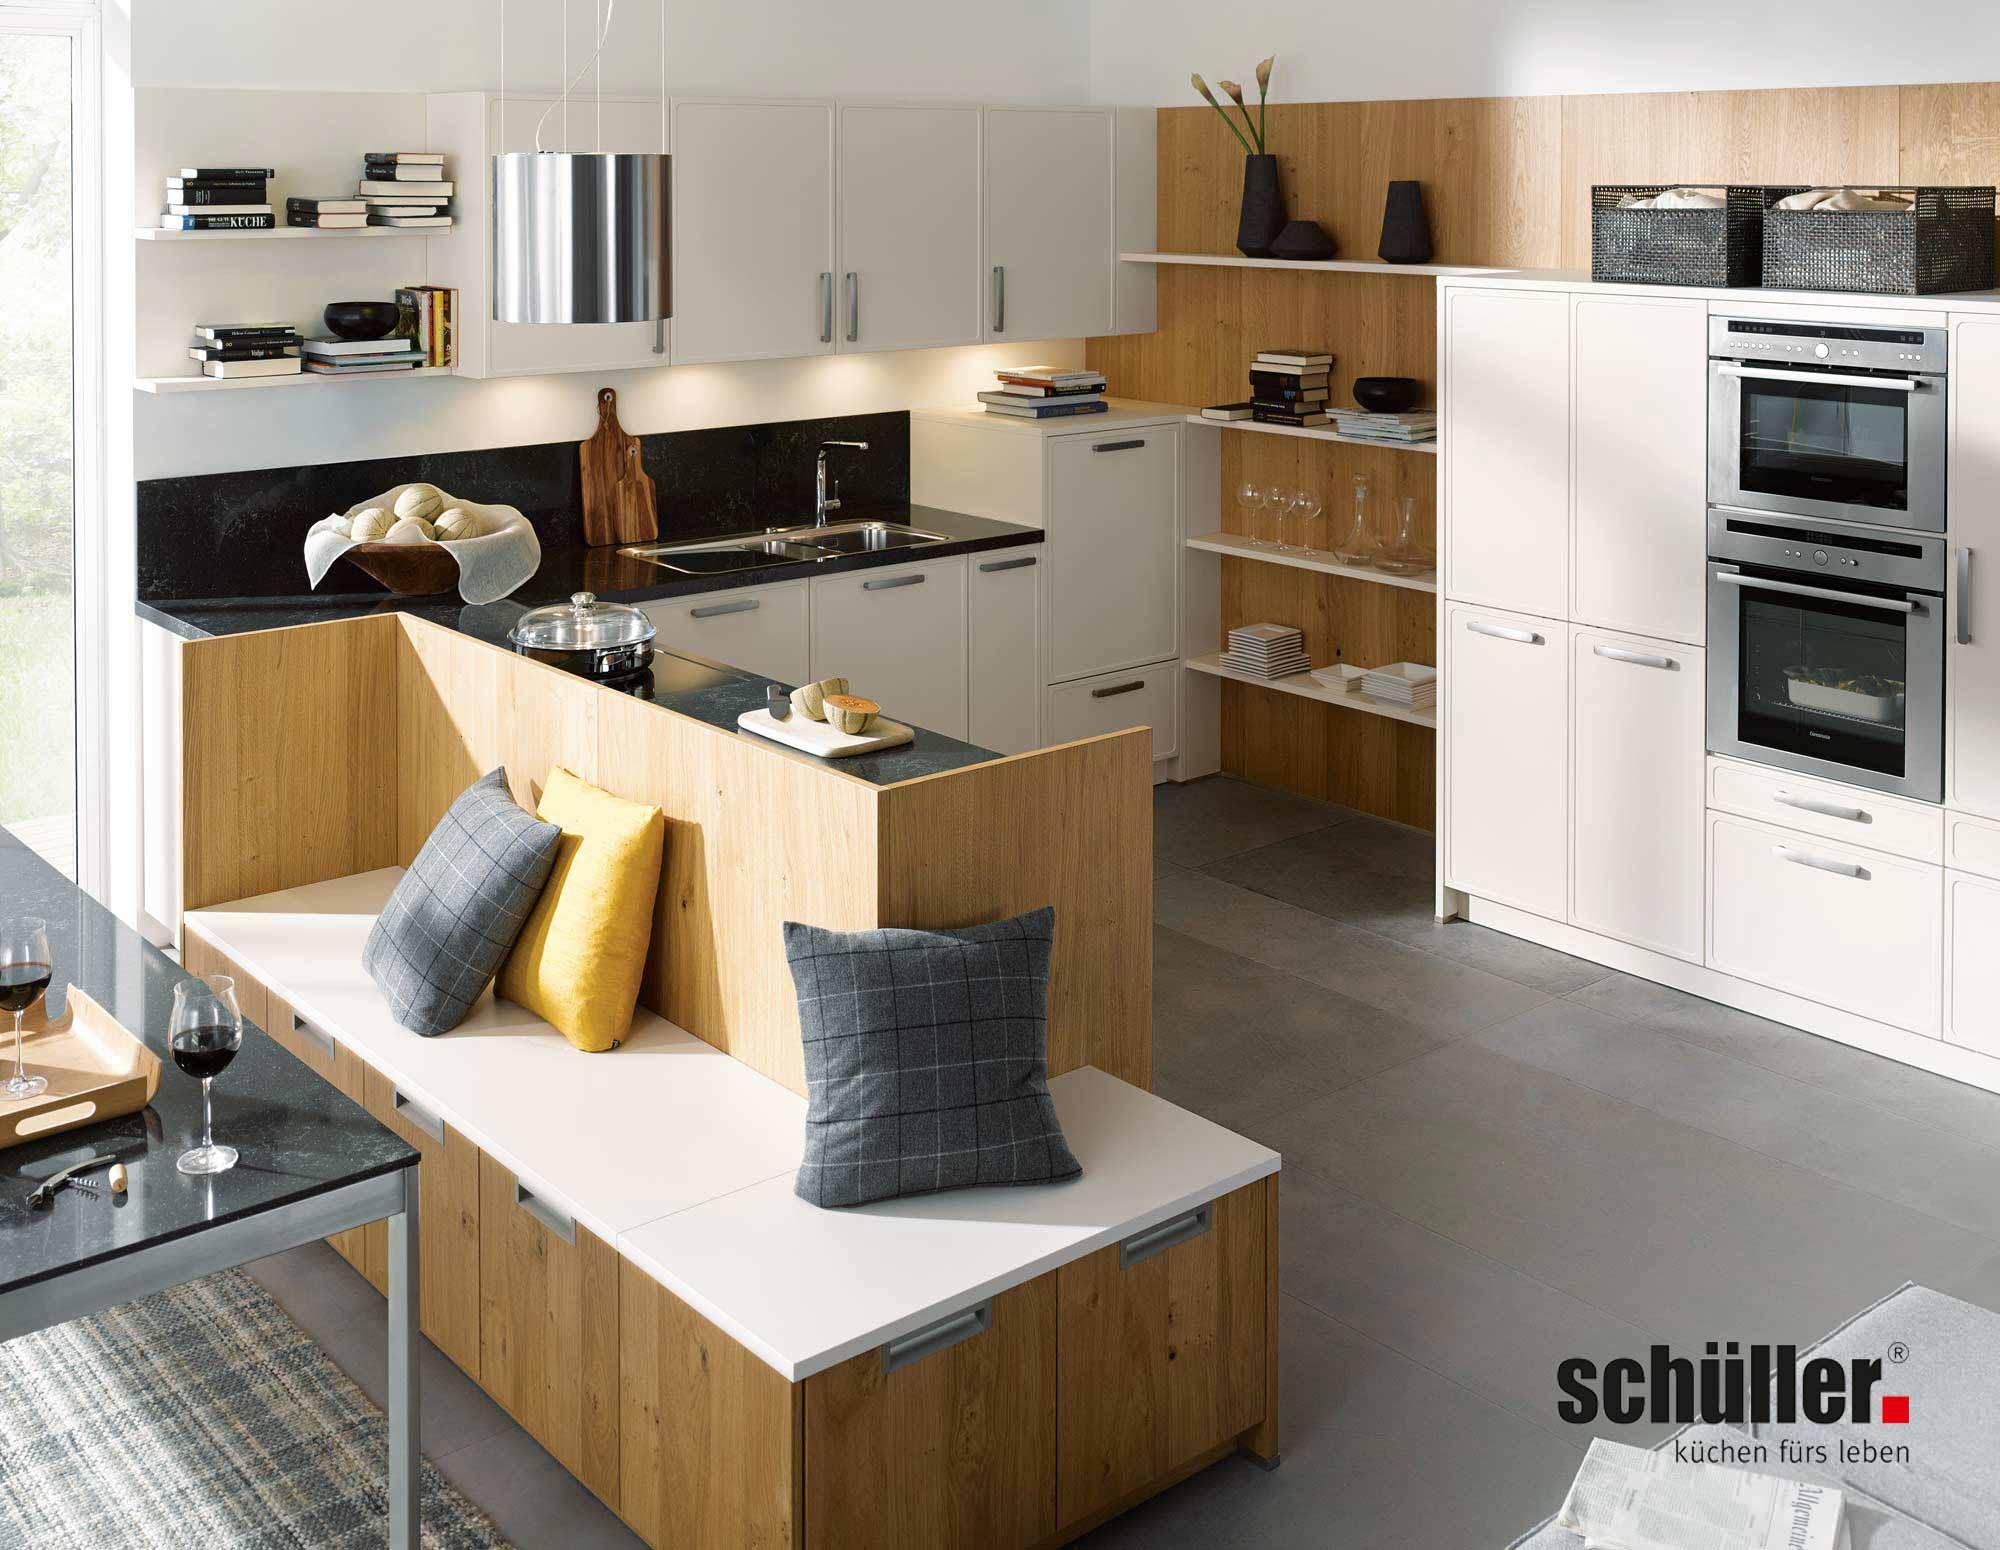 Full Size of Magnolia Farbe Schller Kche Parma Fr Ein Komfortables Kochen Jetzt Online Wohnzimmer Magnolia Farbe